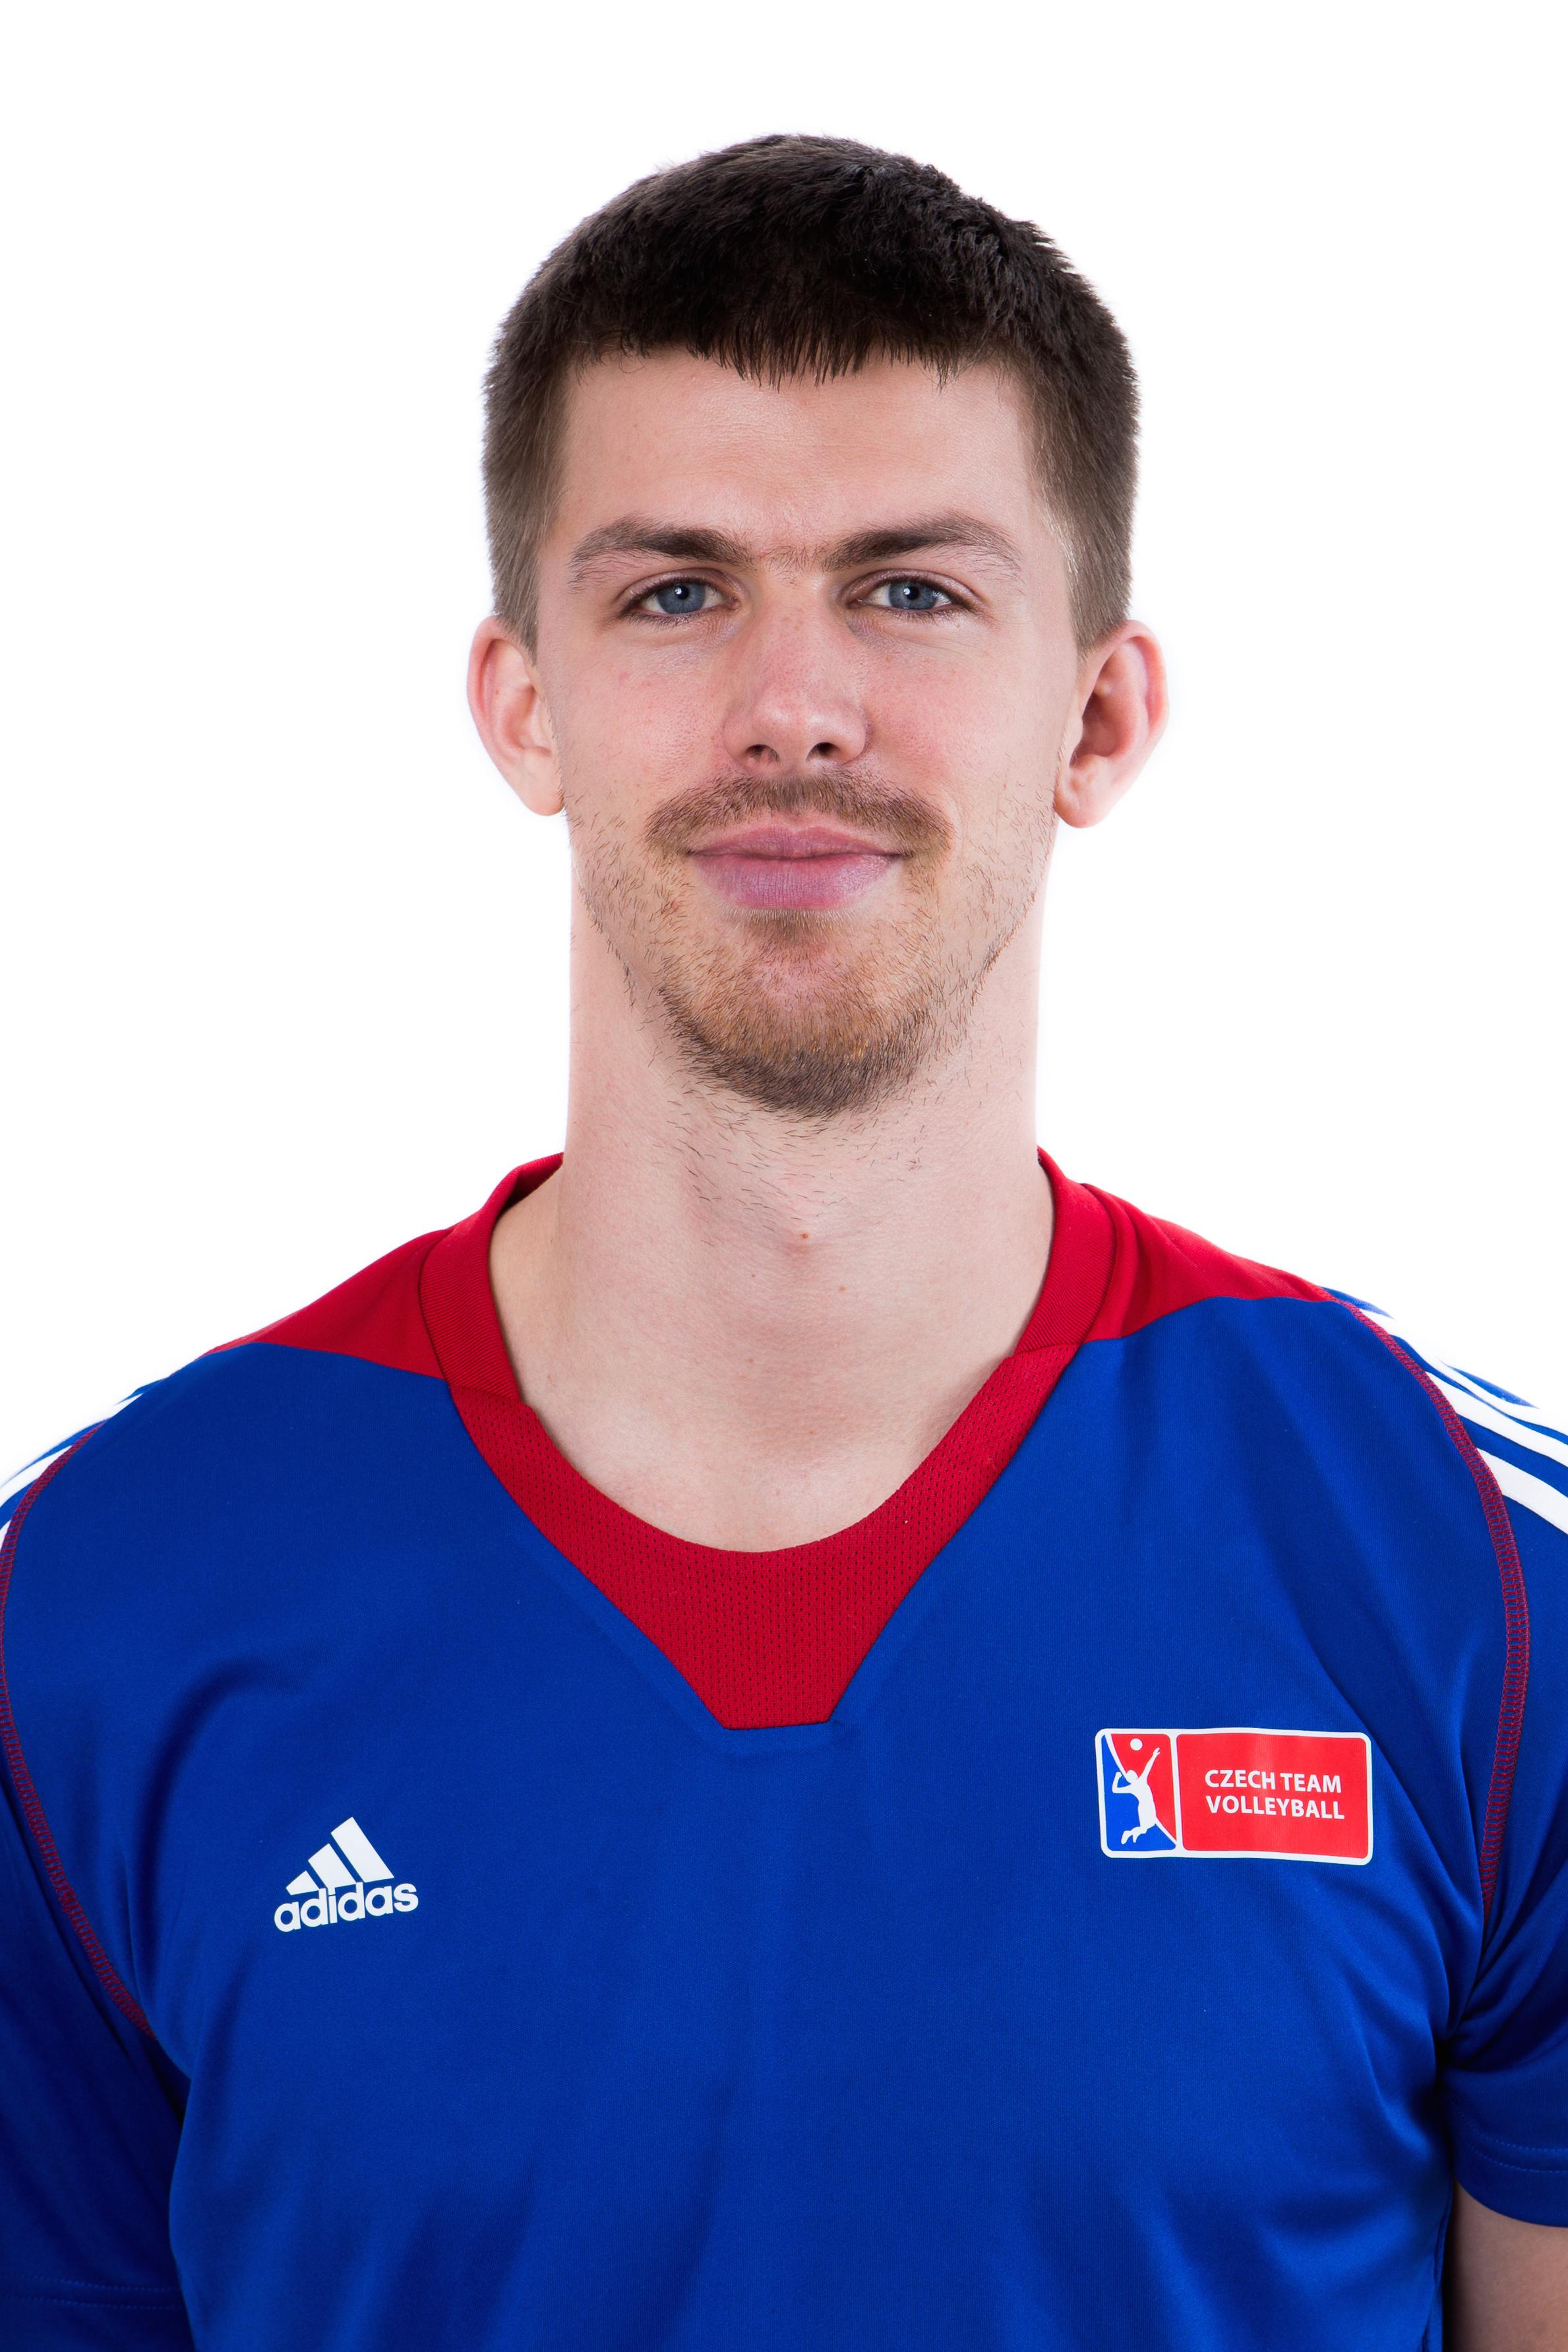 Vladimir Sobotka